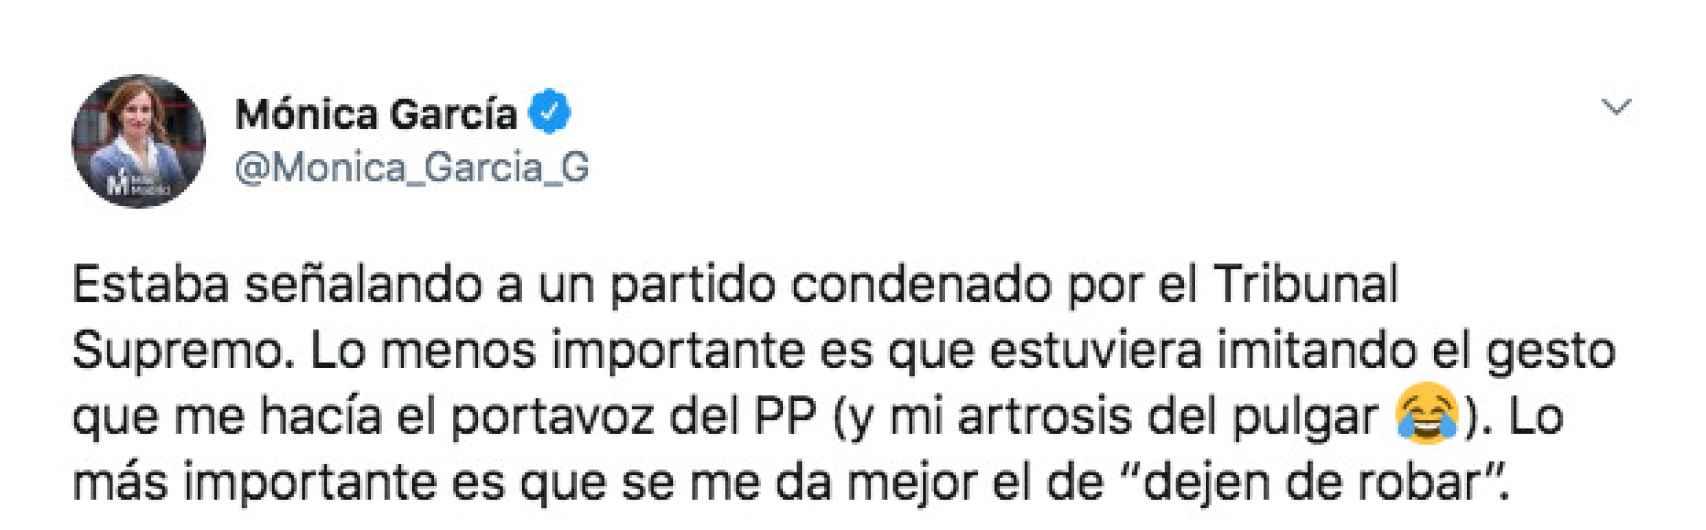 Tuit de la diputada Mónica García.